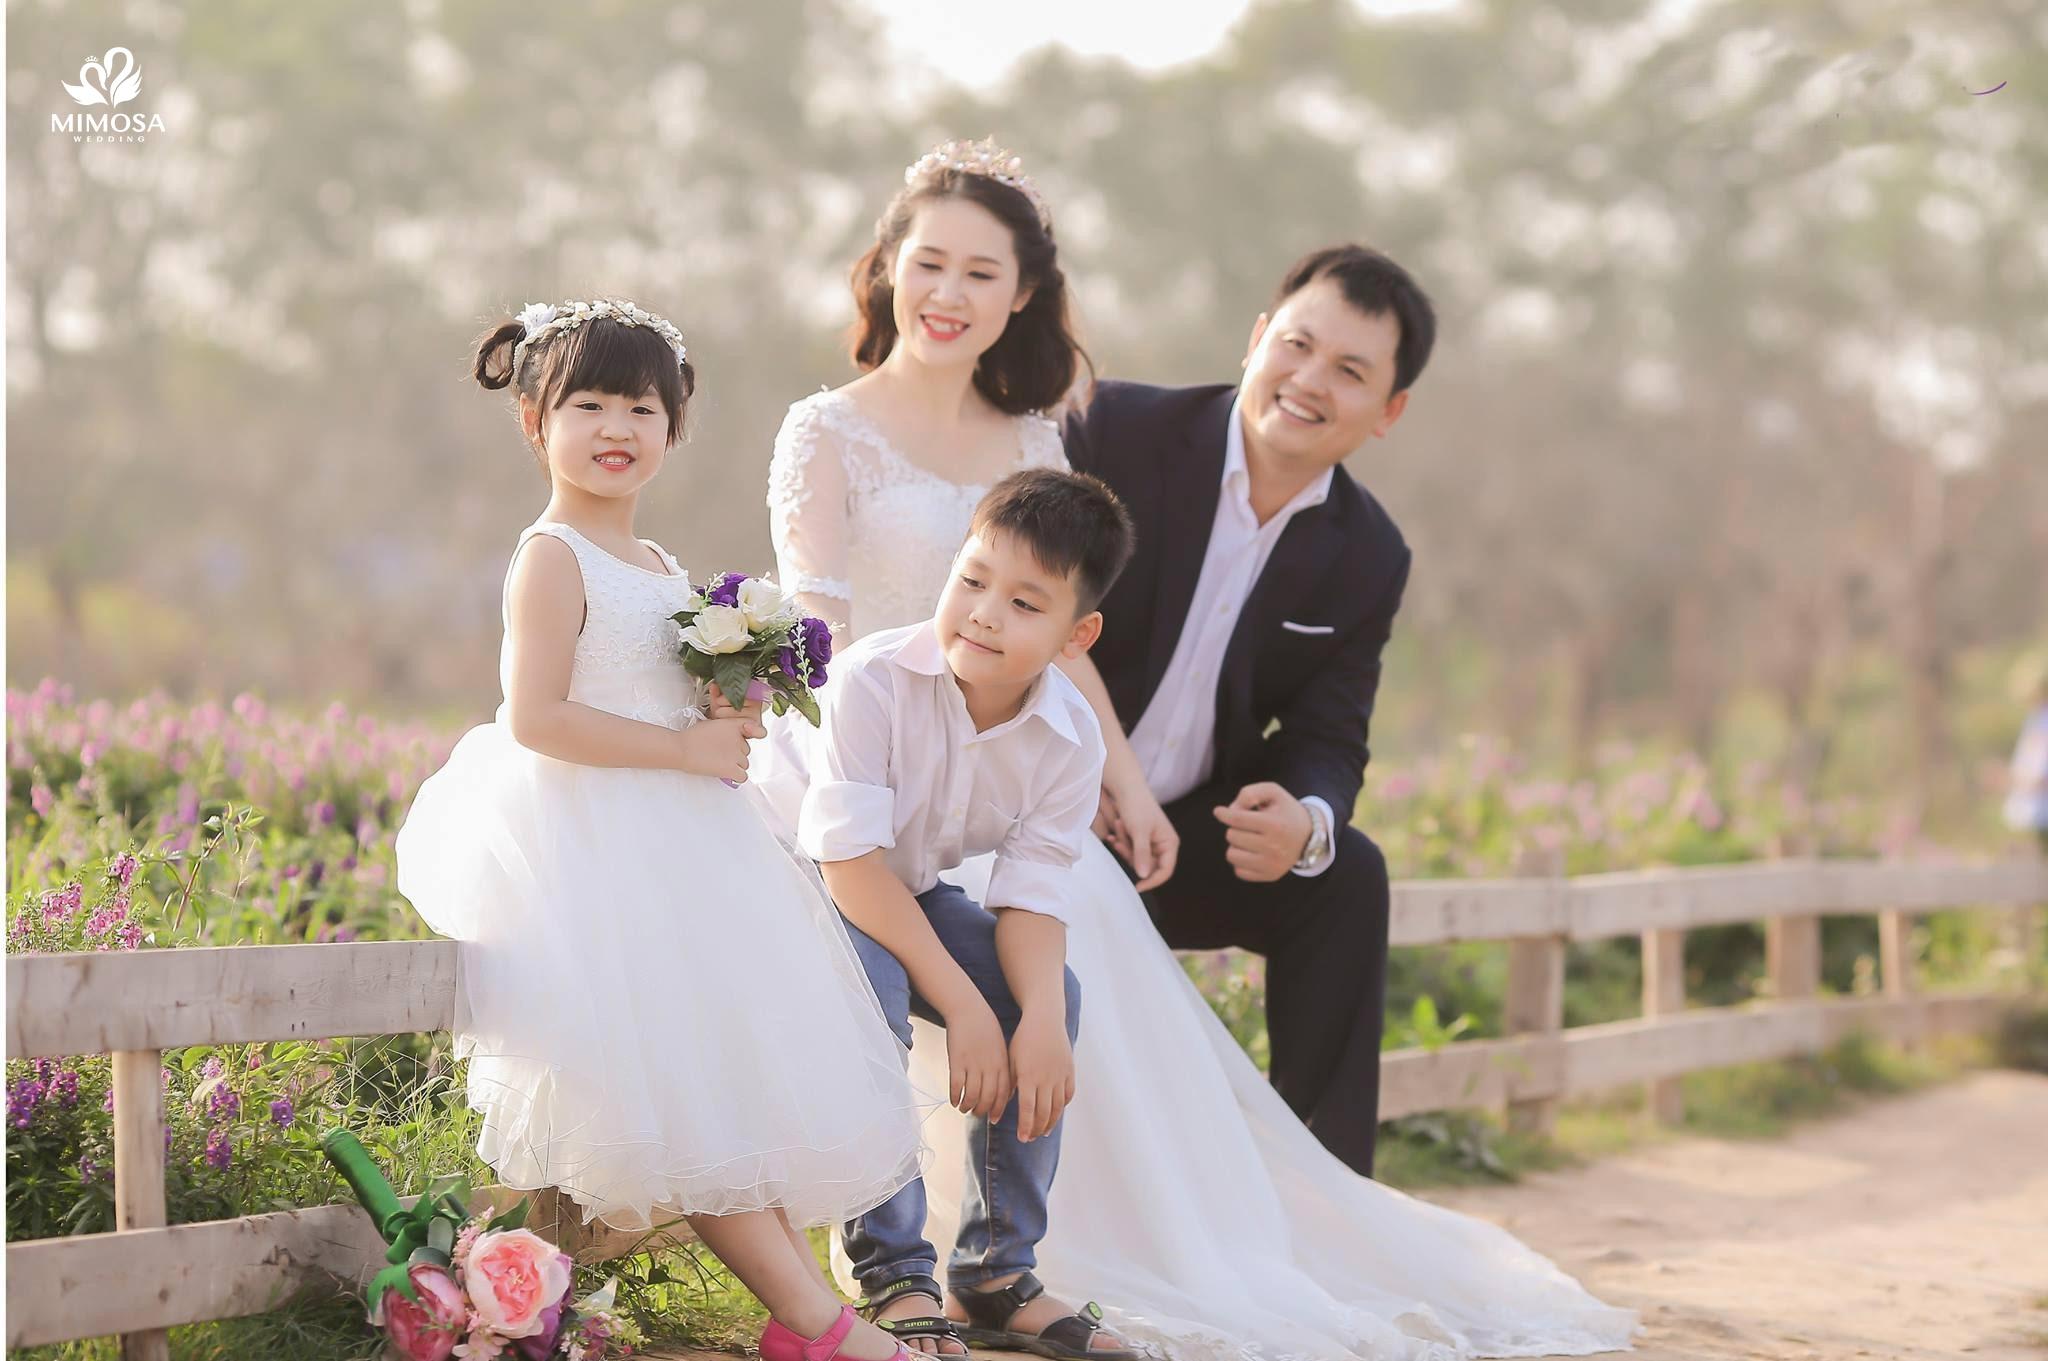 Chụp ảnh gia đình kiểu Hàn Quốc : Bí quyết tạo bức hình Siêu Đẹp